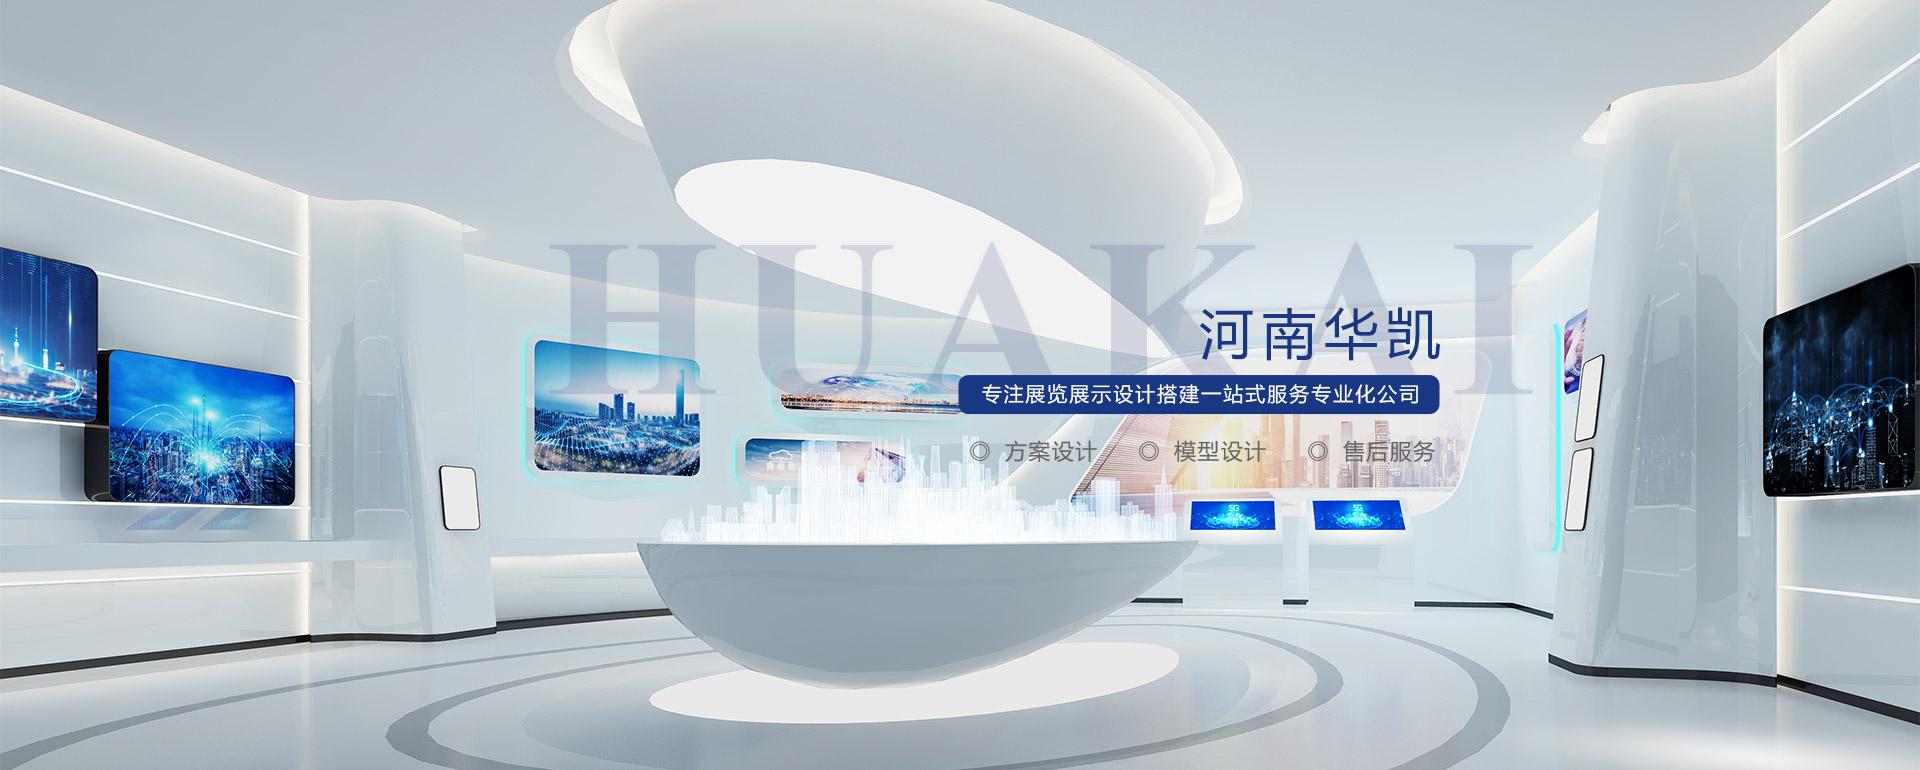 河南模型设计